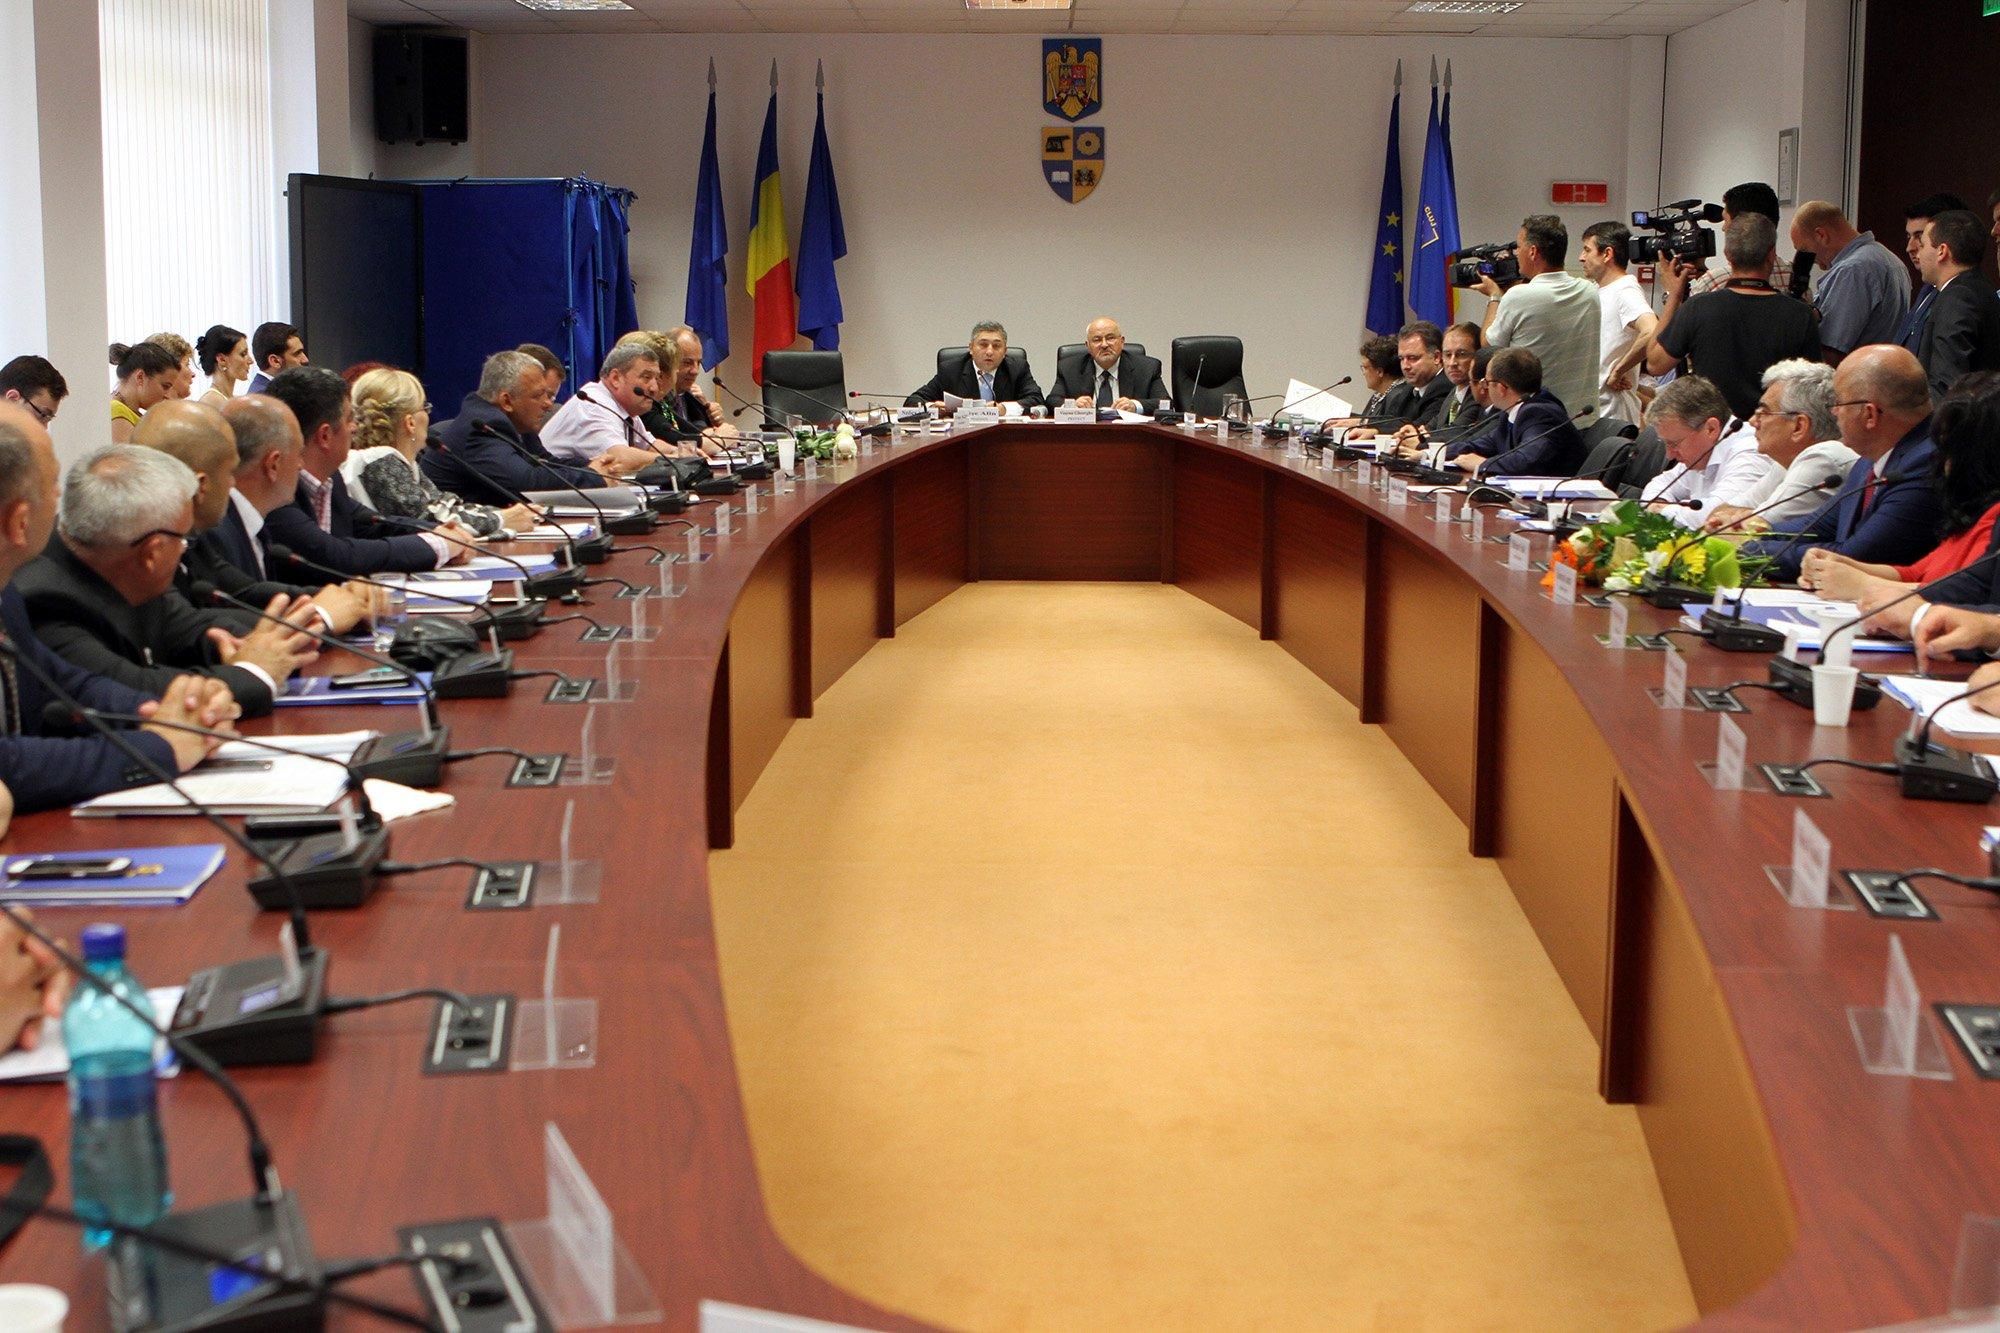 Consiliul Judeţean are o nouă conducere. Alin Tişe a redevenit preşedinte